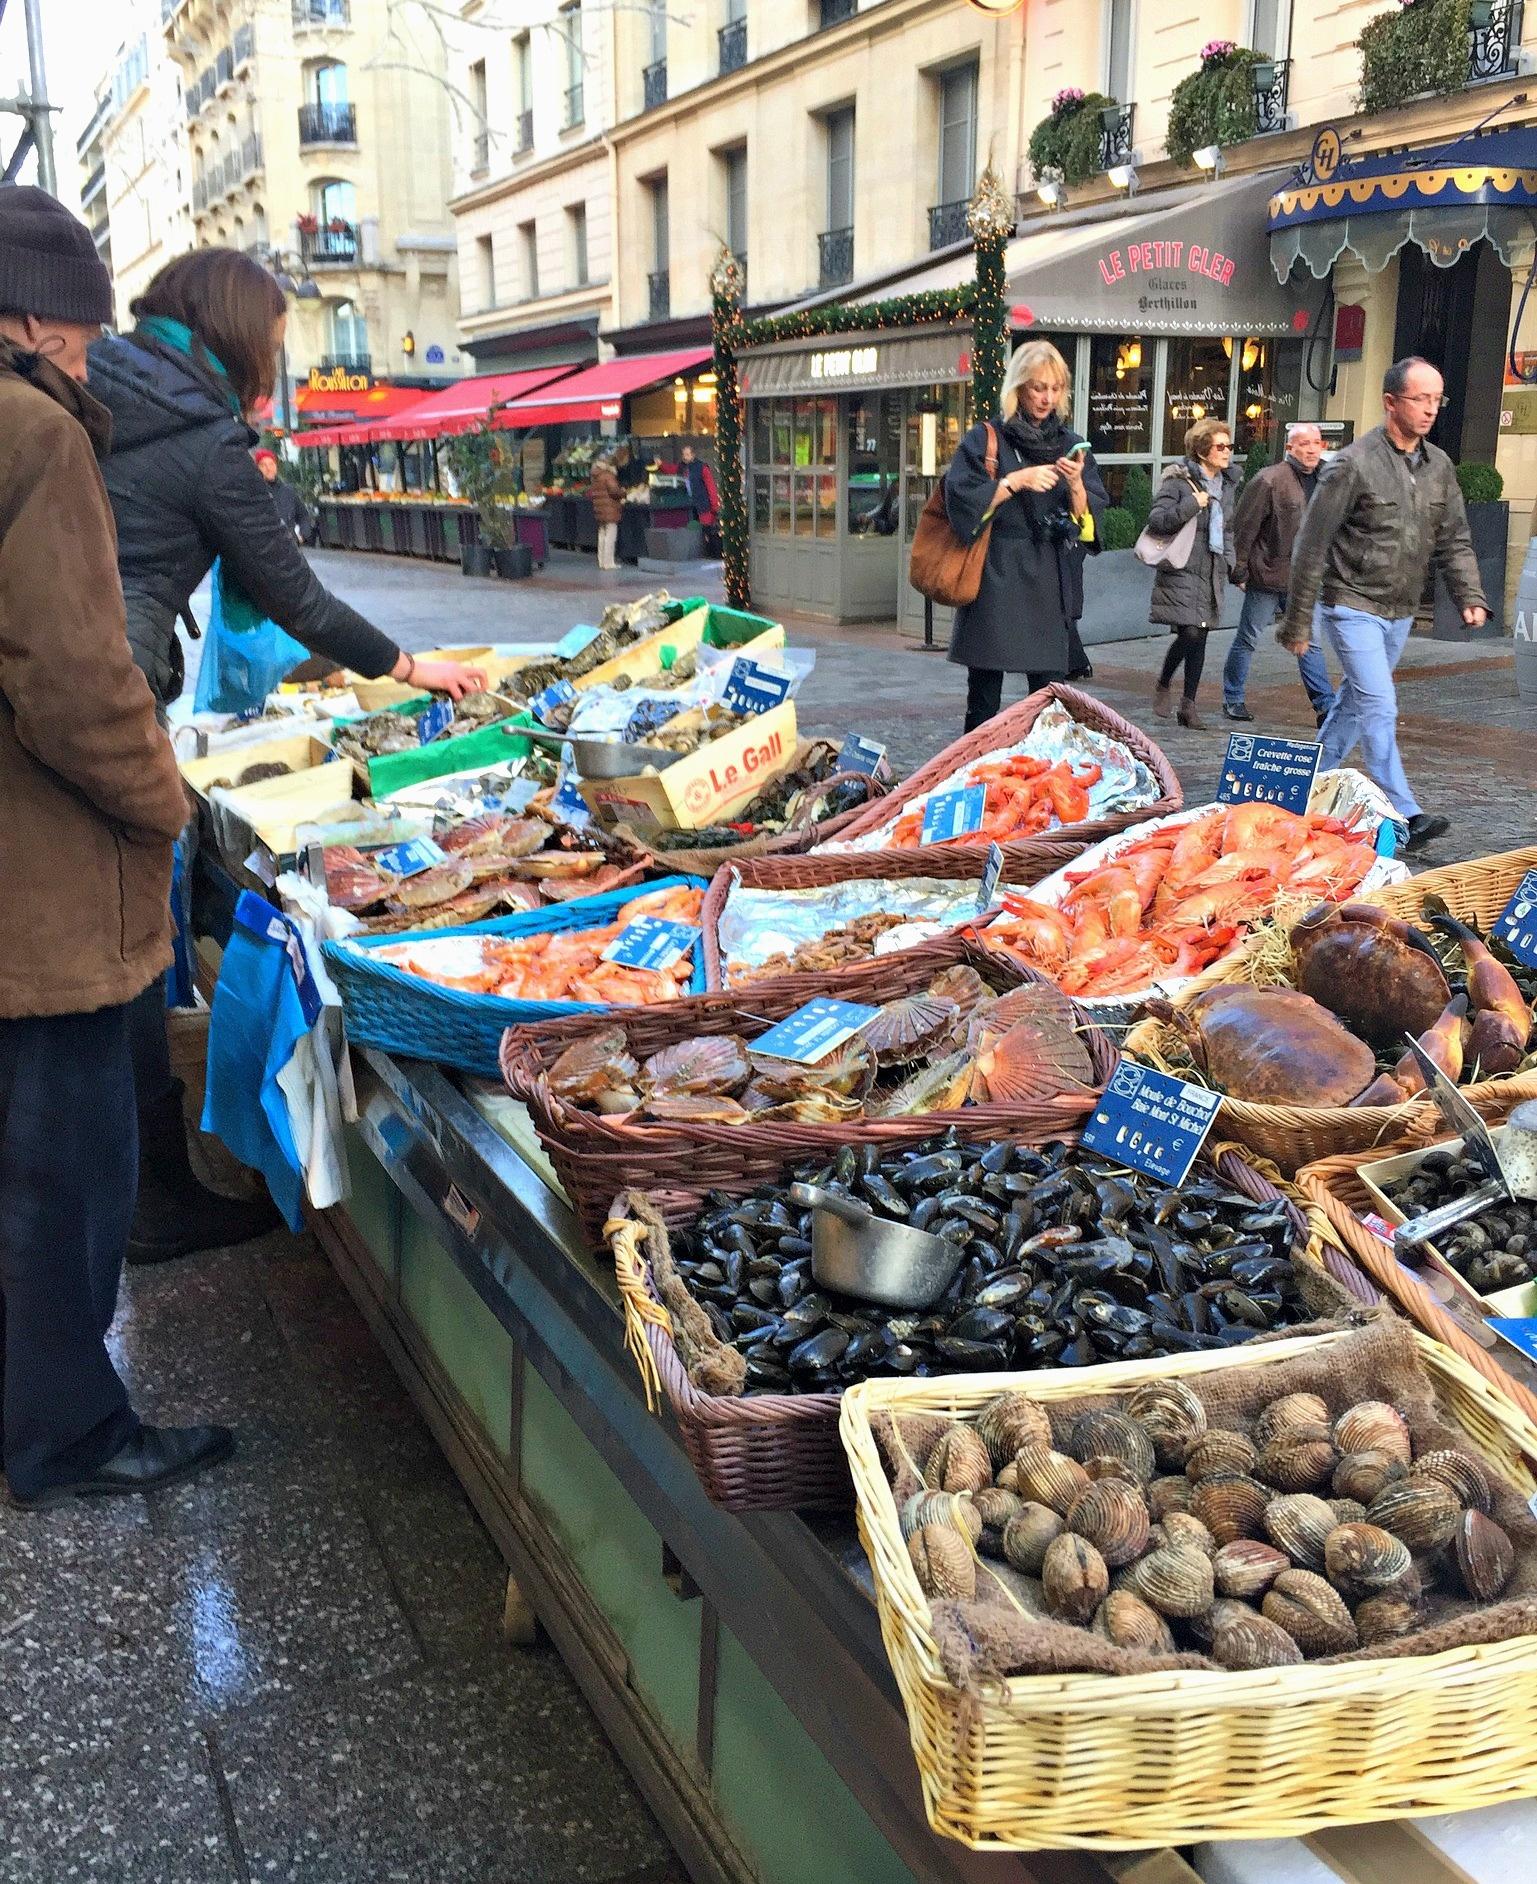 poissoniere rue Cler